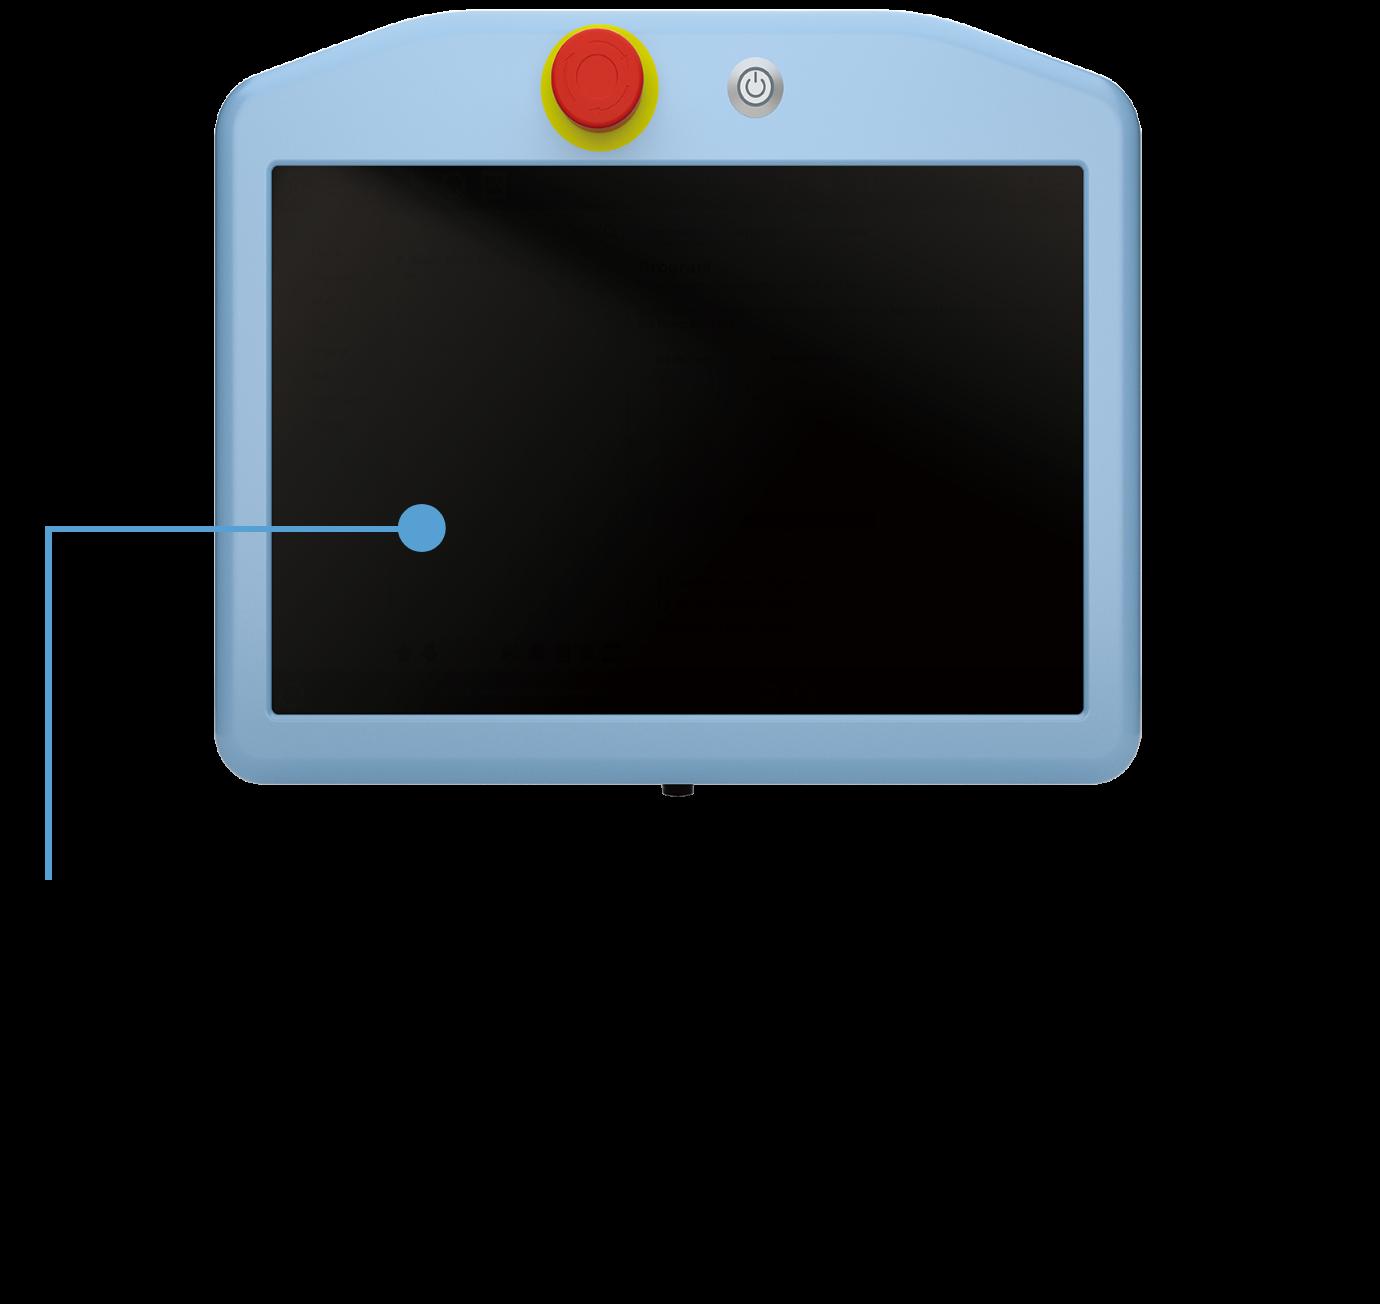 直感的なプログラミングフロー 軽量で応答性に優れたティーチペンダント細径ケーブル、ワイドスクリーン 停止時間と停止距離の調整が可能